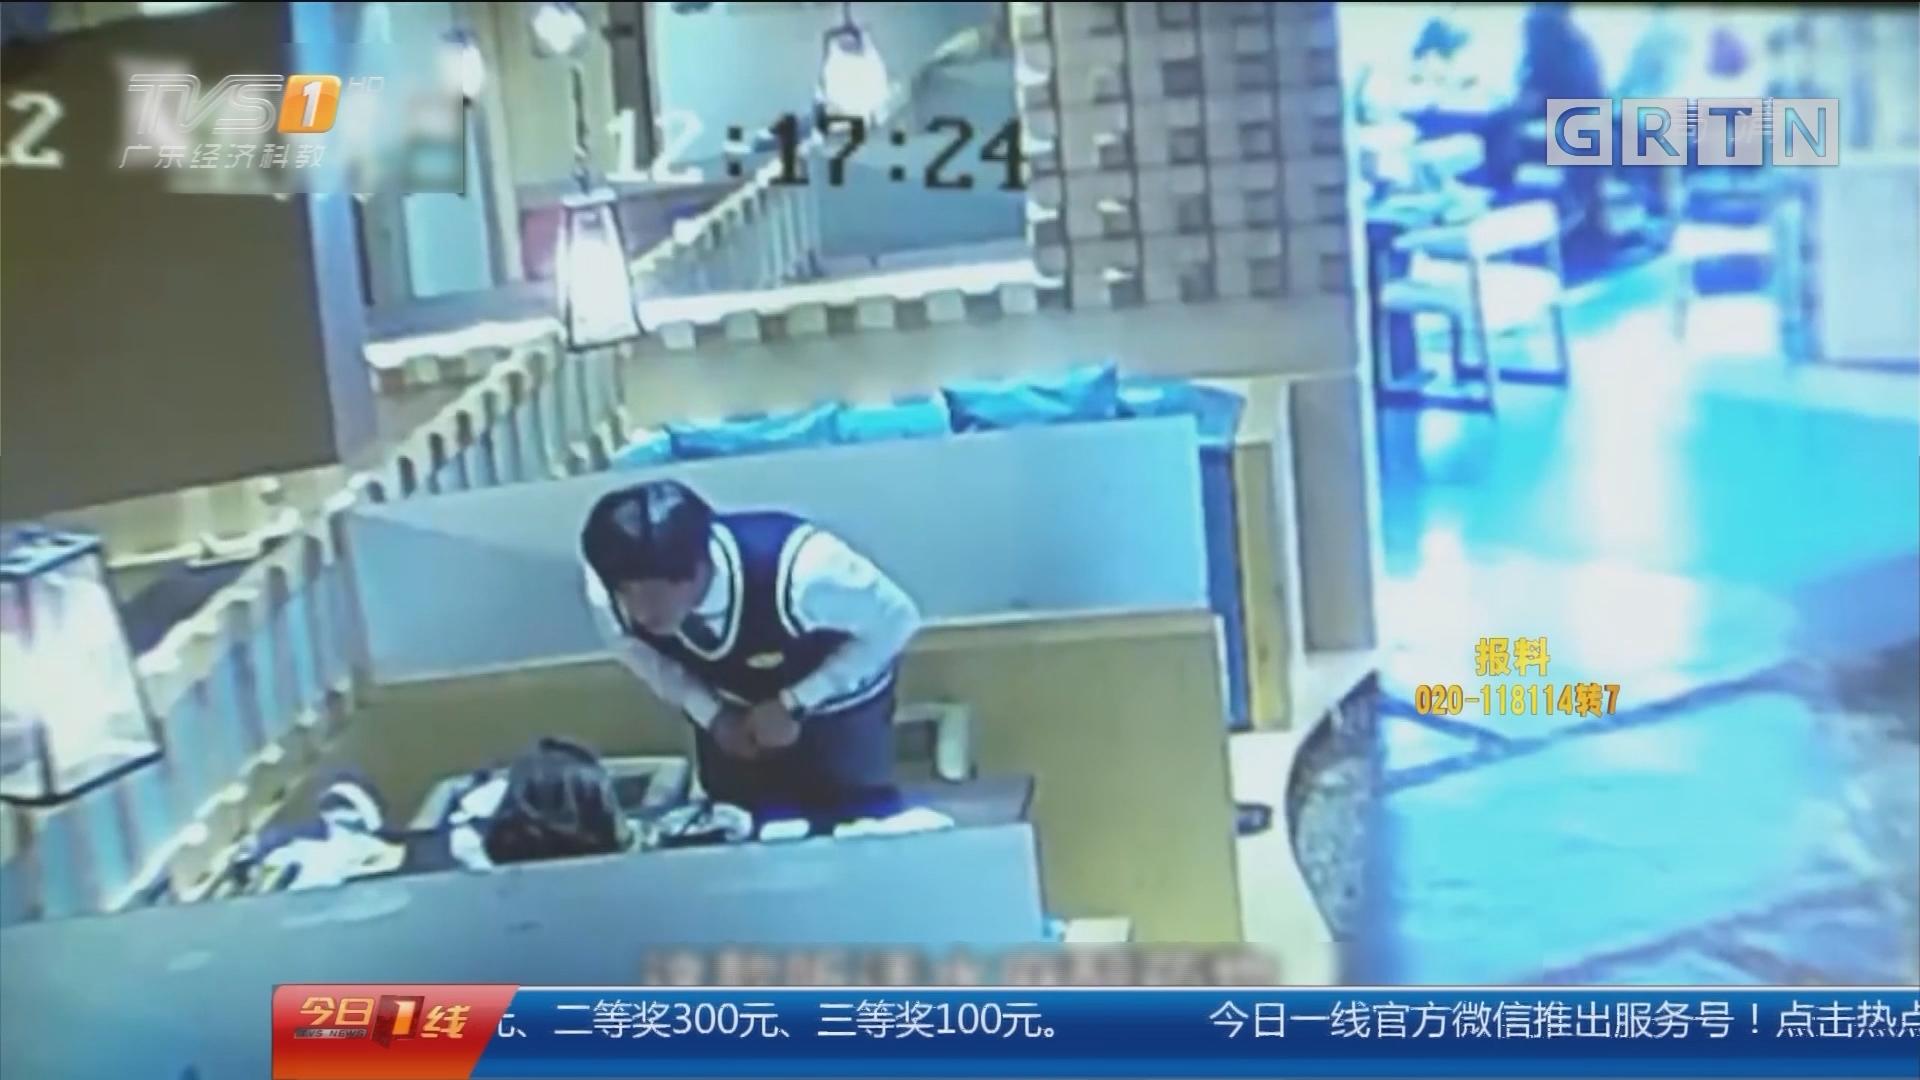 上海:女生被下药带走性侵 检方批捕嫌疑人